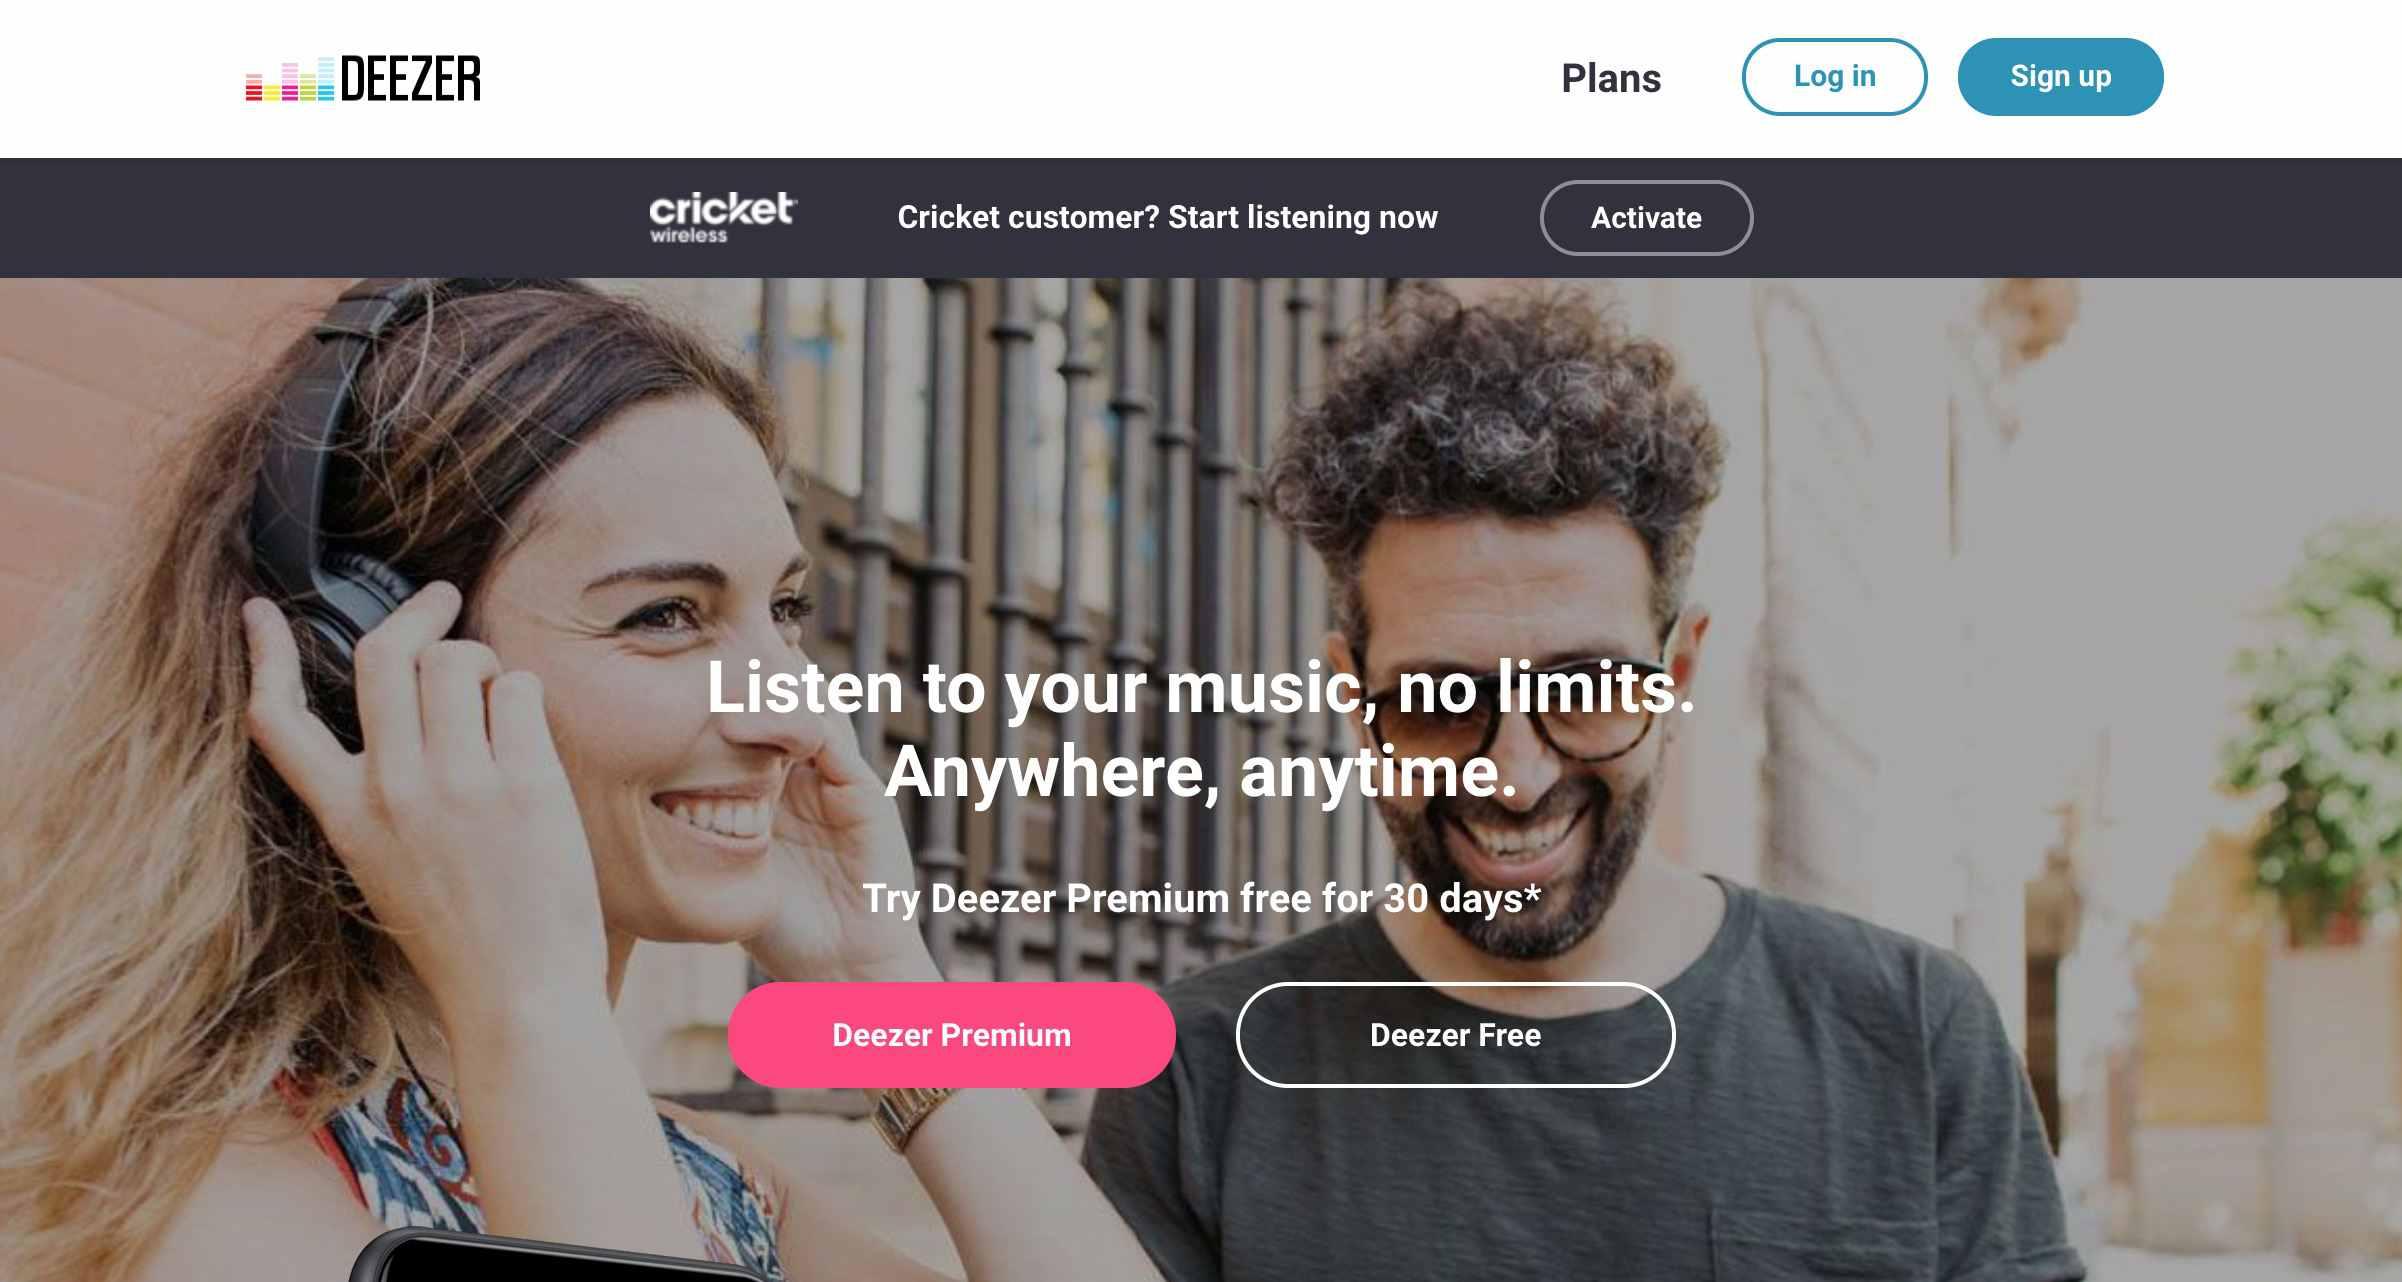 deezer song download limit